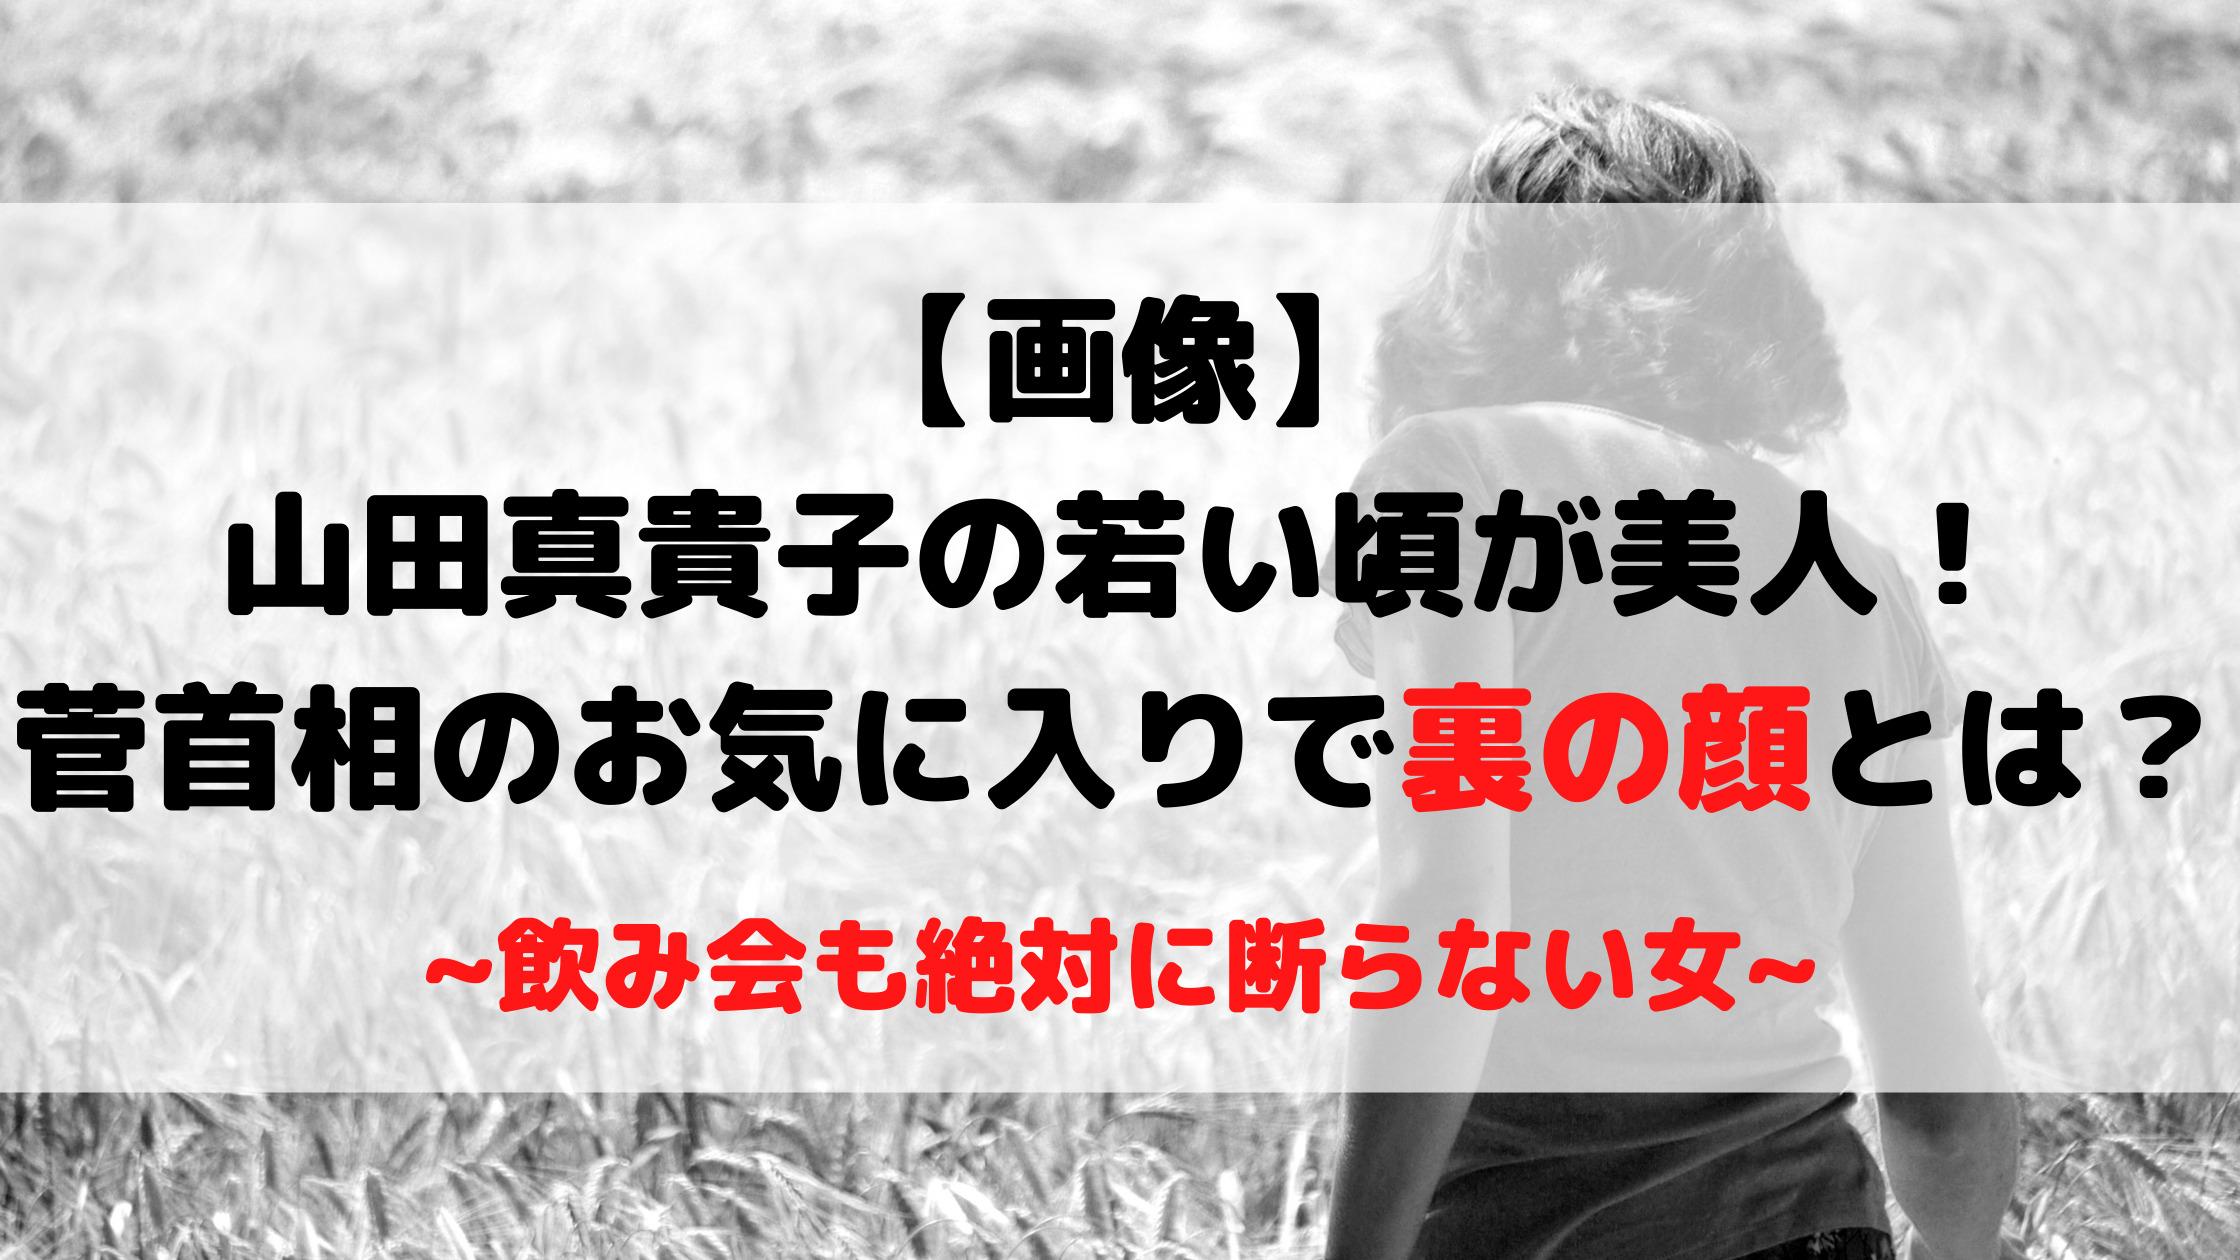 官 山田 広報